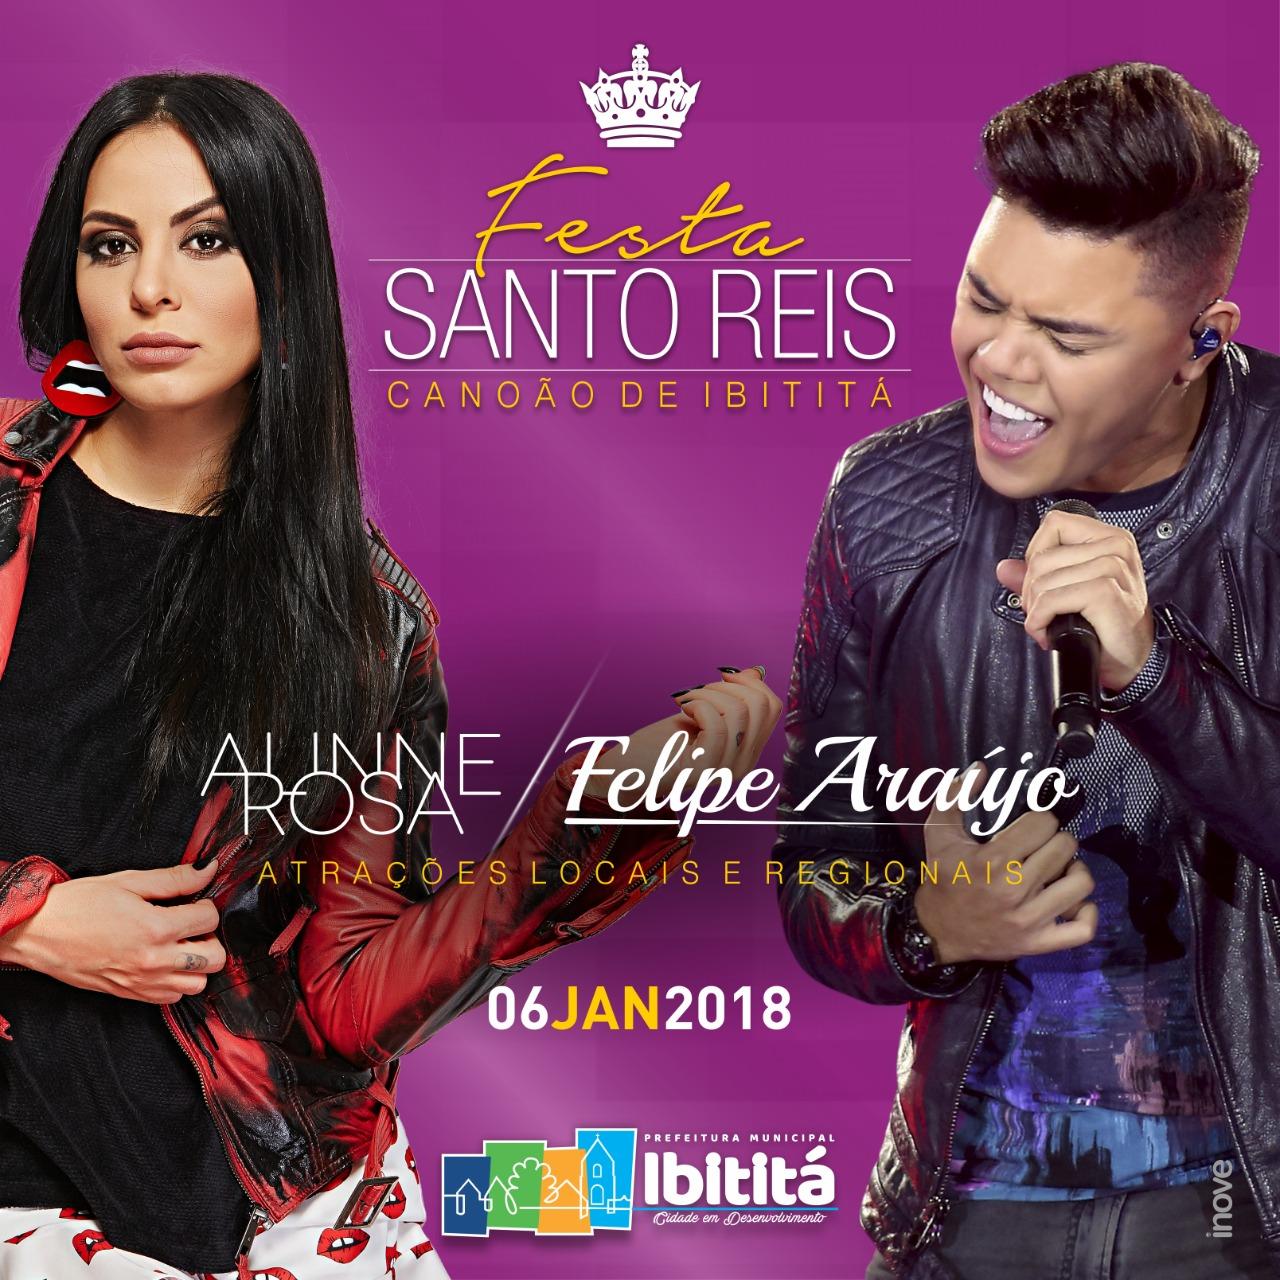 Com-as-bnos-dos-Santos-Reis-Ibitit-vai-comear-2018-com-energia-positiva-e-boas-vibraes